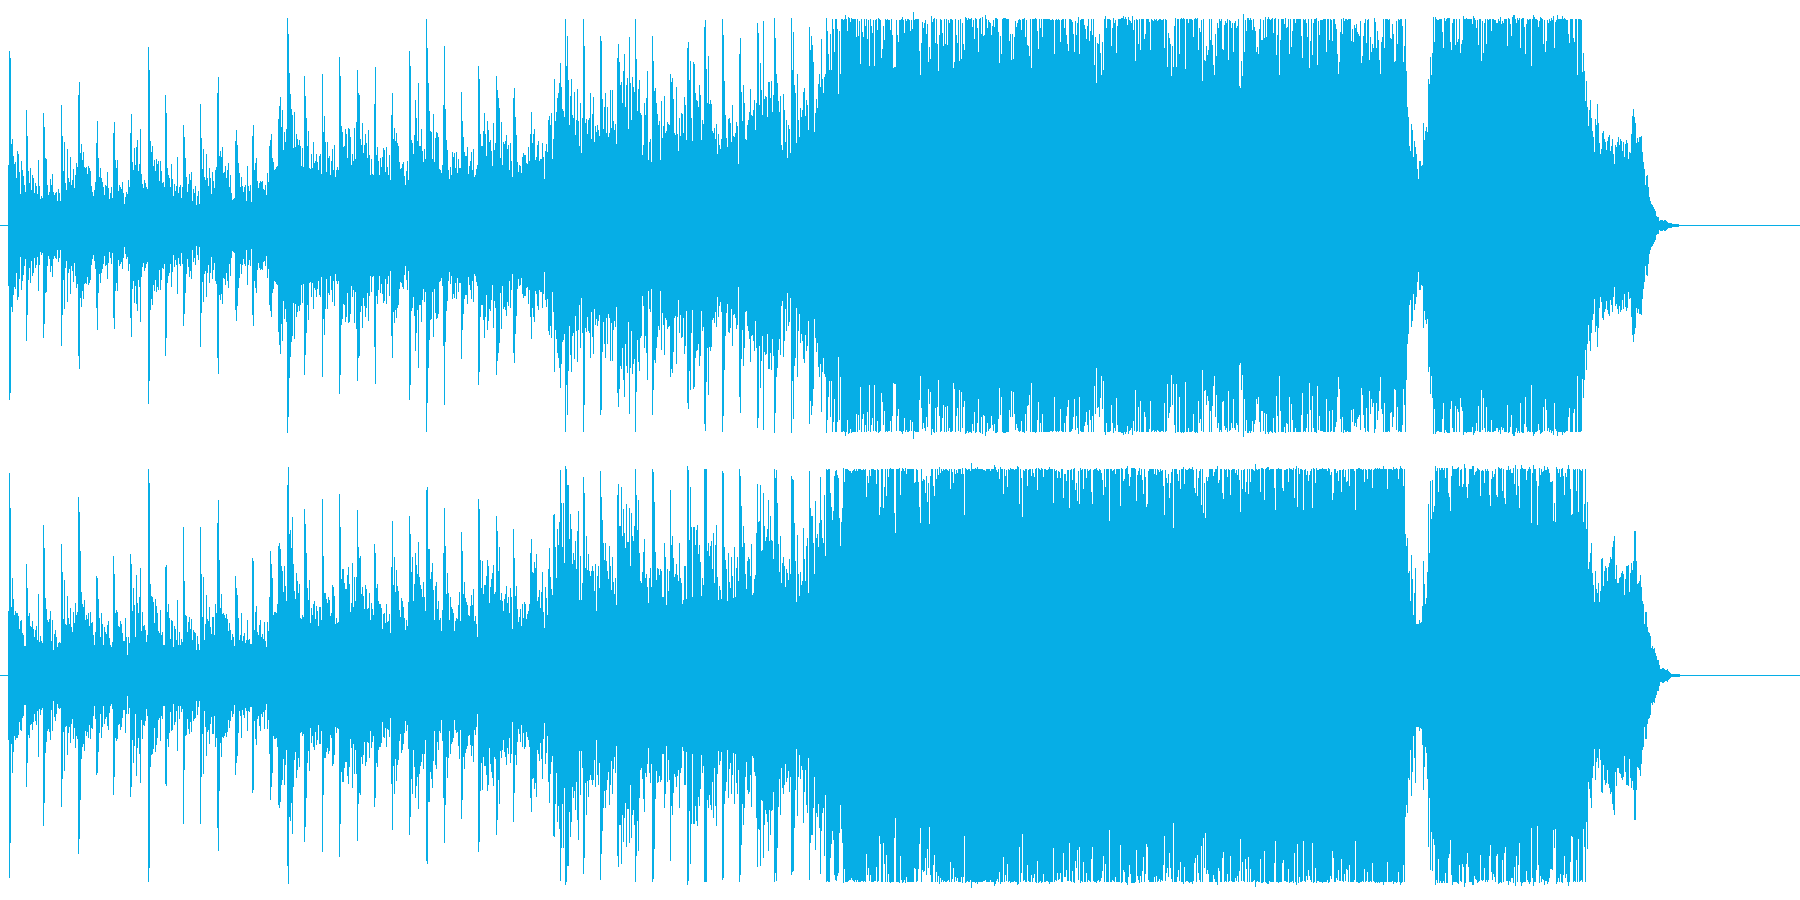 ハリウッド風BGM(ヒーロー登場)の再生済みの波形